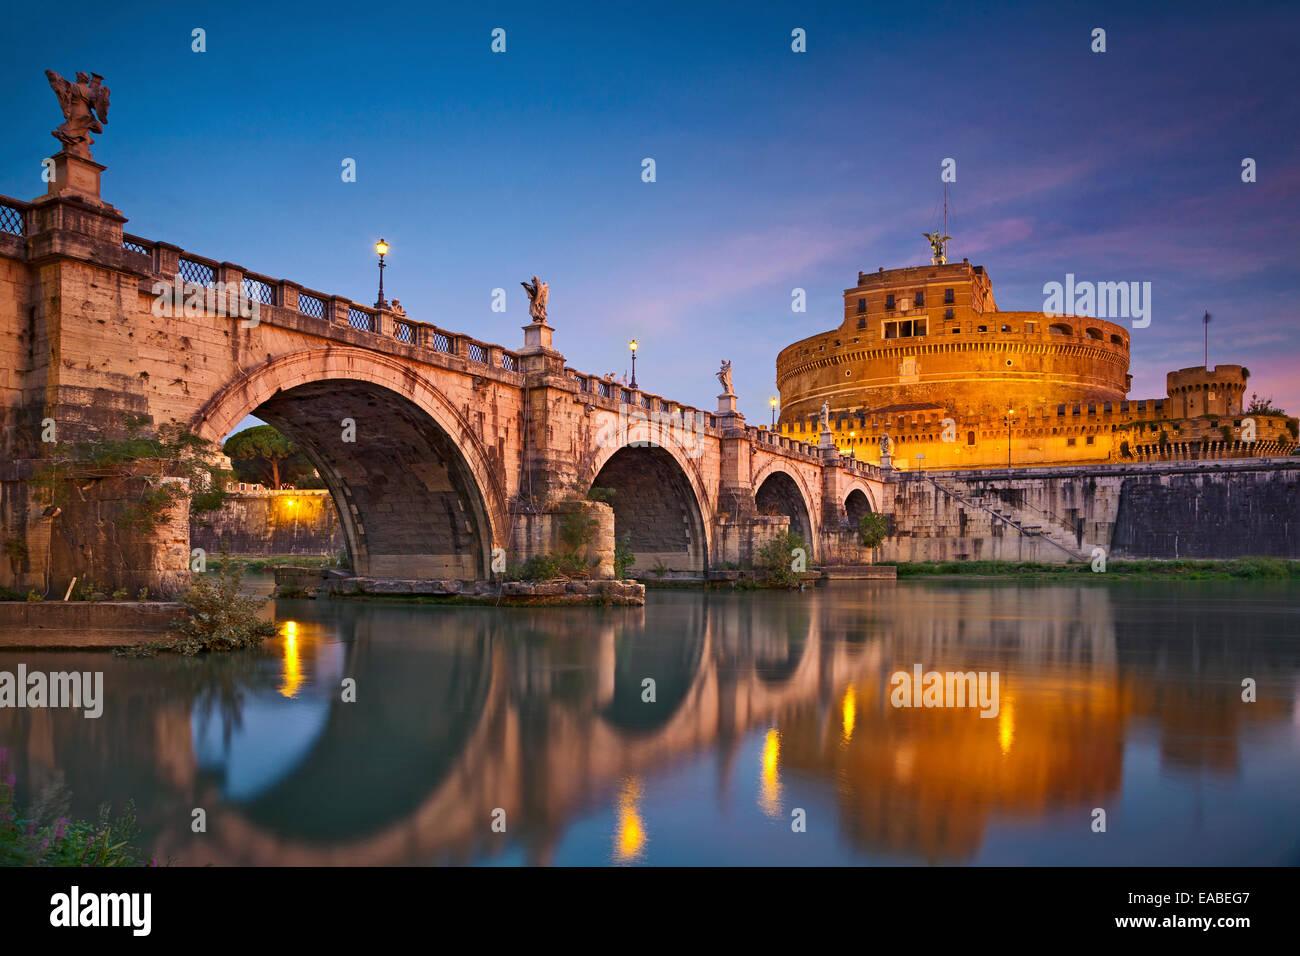 Rome. Image du Château de Saint Ange Saint Ange et pont sur le Tibre à Rome au lever du soleil. Photo Stock